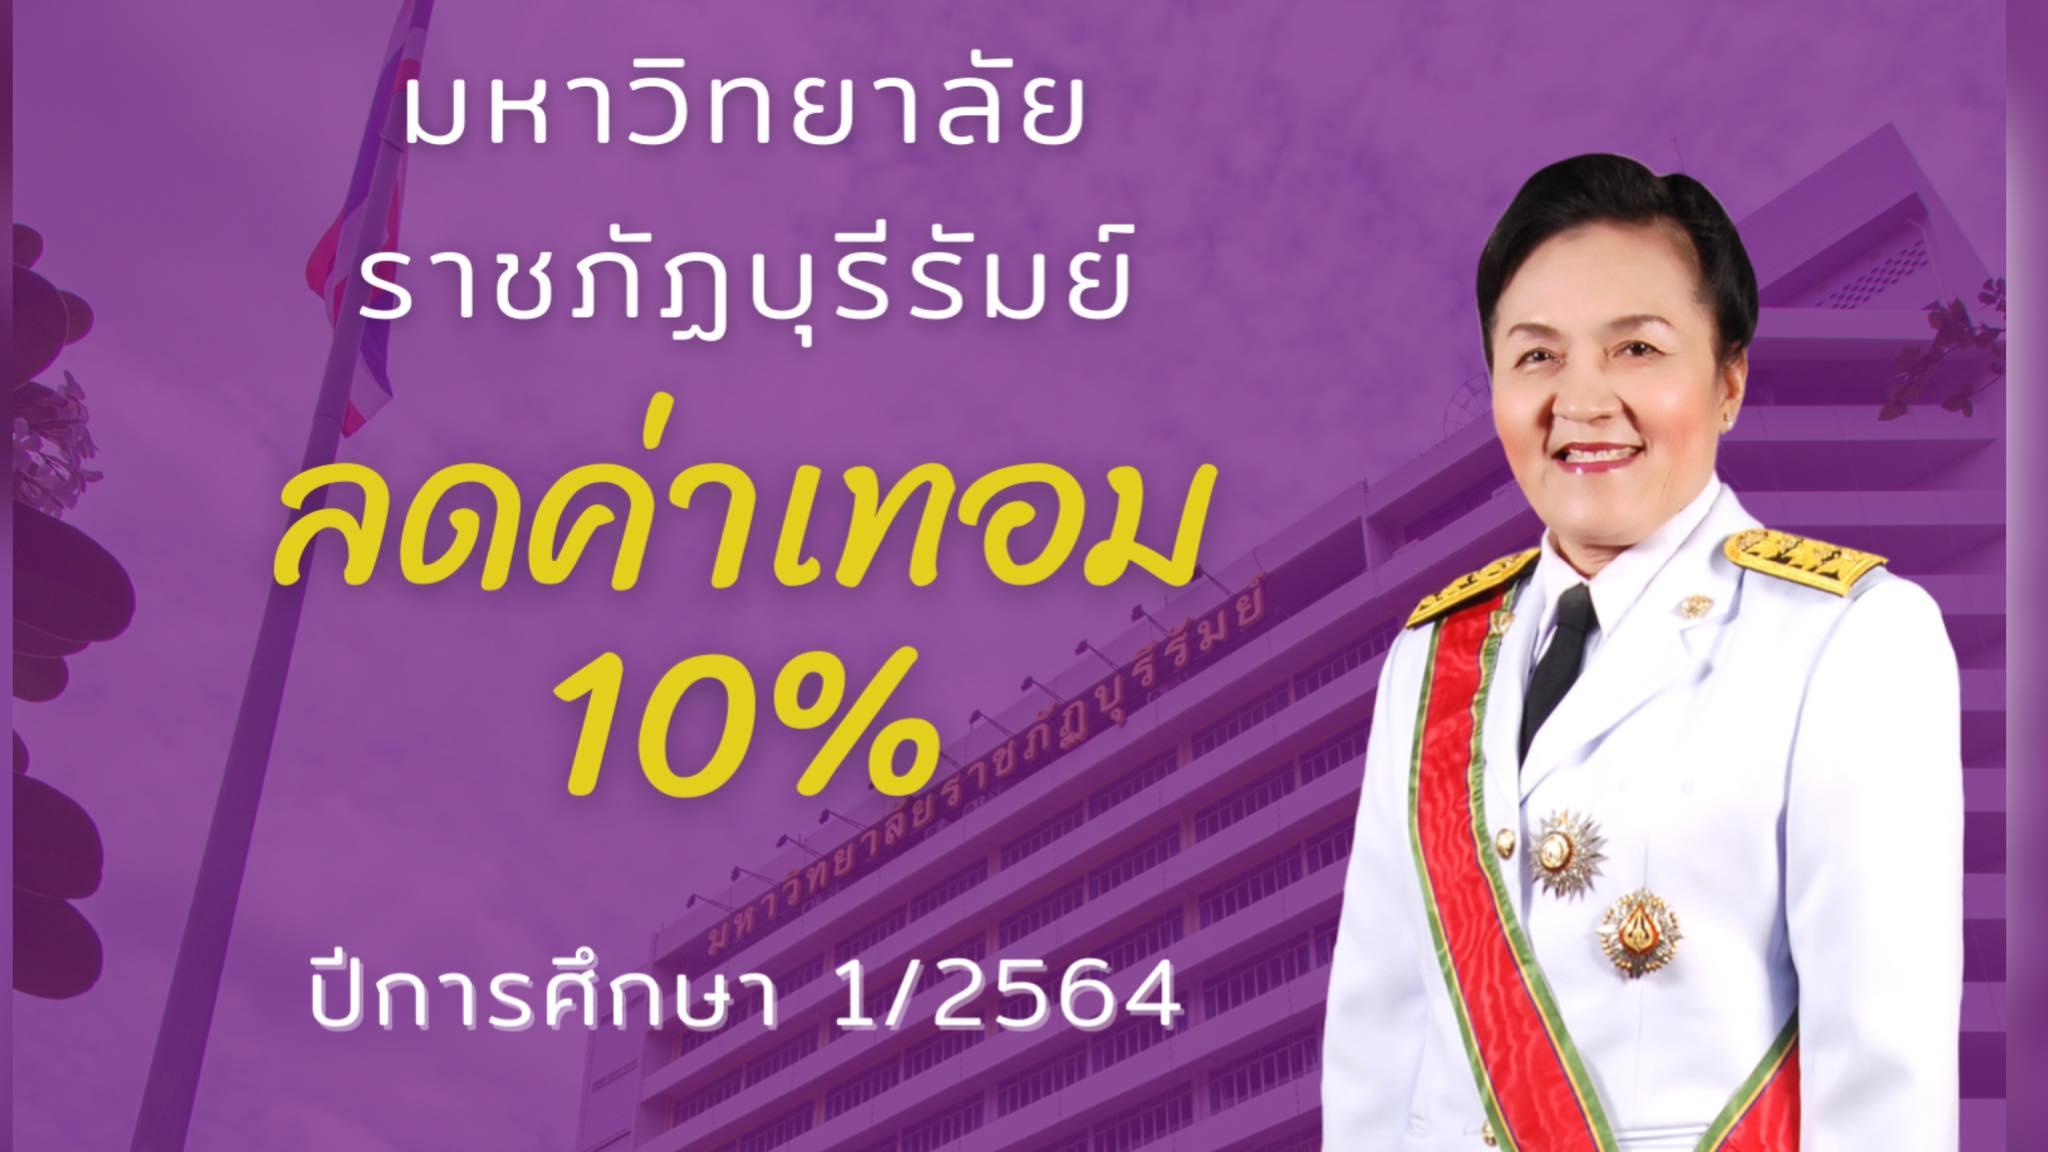 ลดค่าเทอม 10% มหาวิทยาลัยราชภัฏบุรีรัมย์